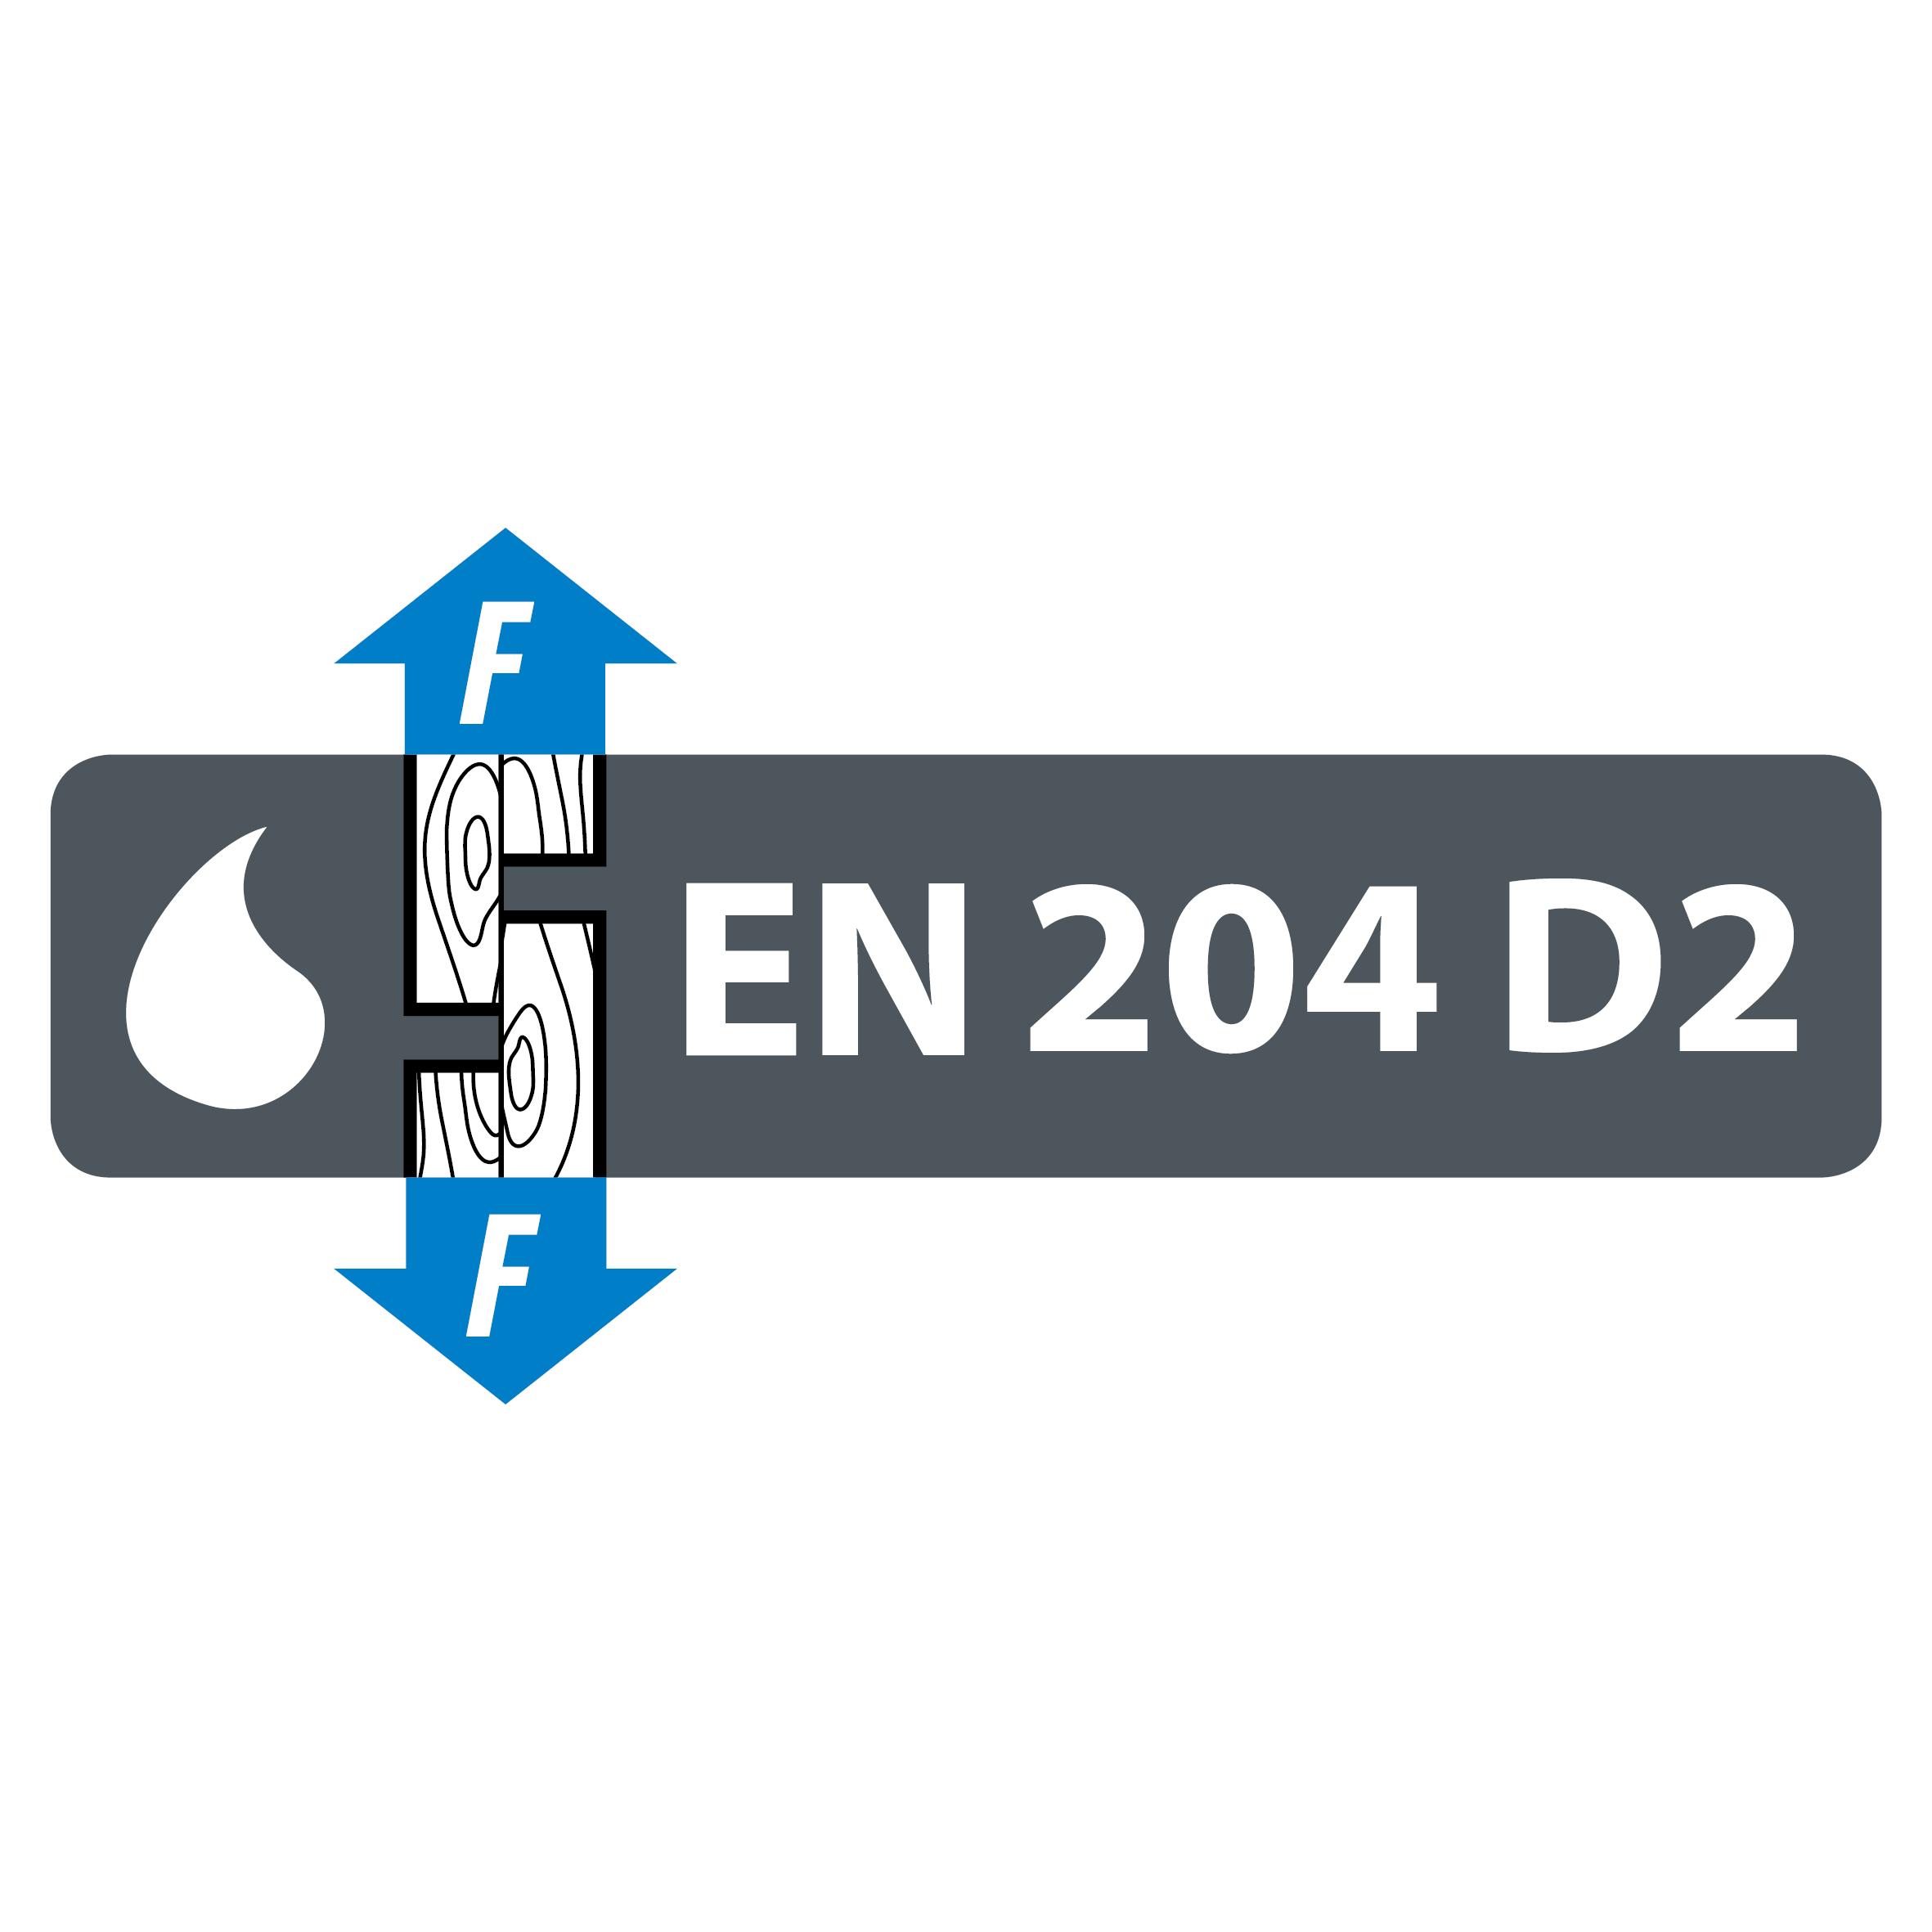 EN 204 D2 veekindluse klassifikatsioon